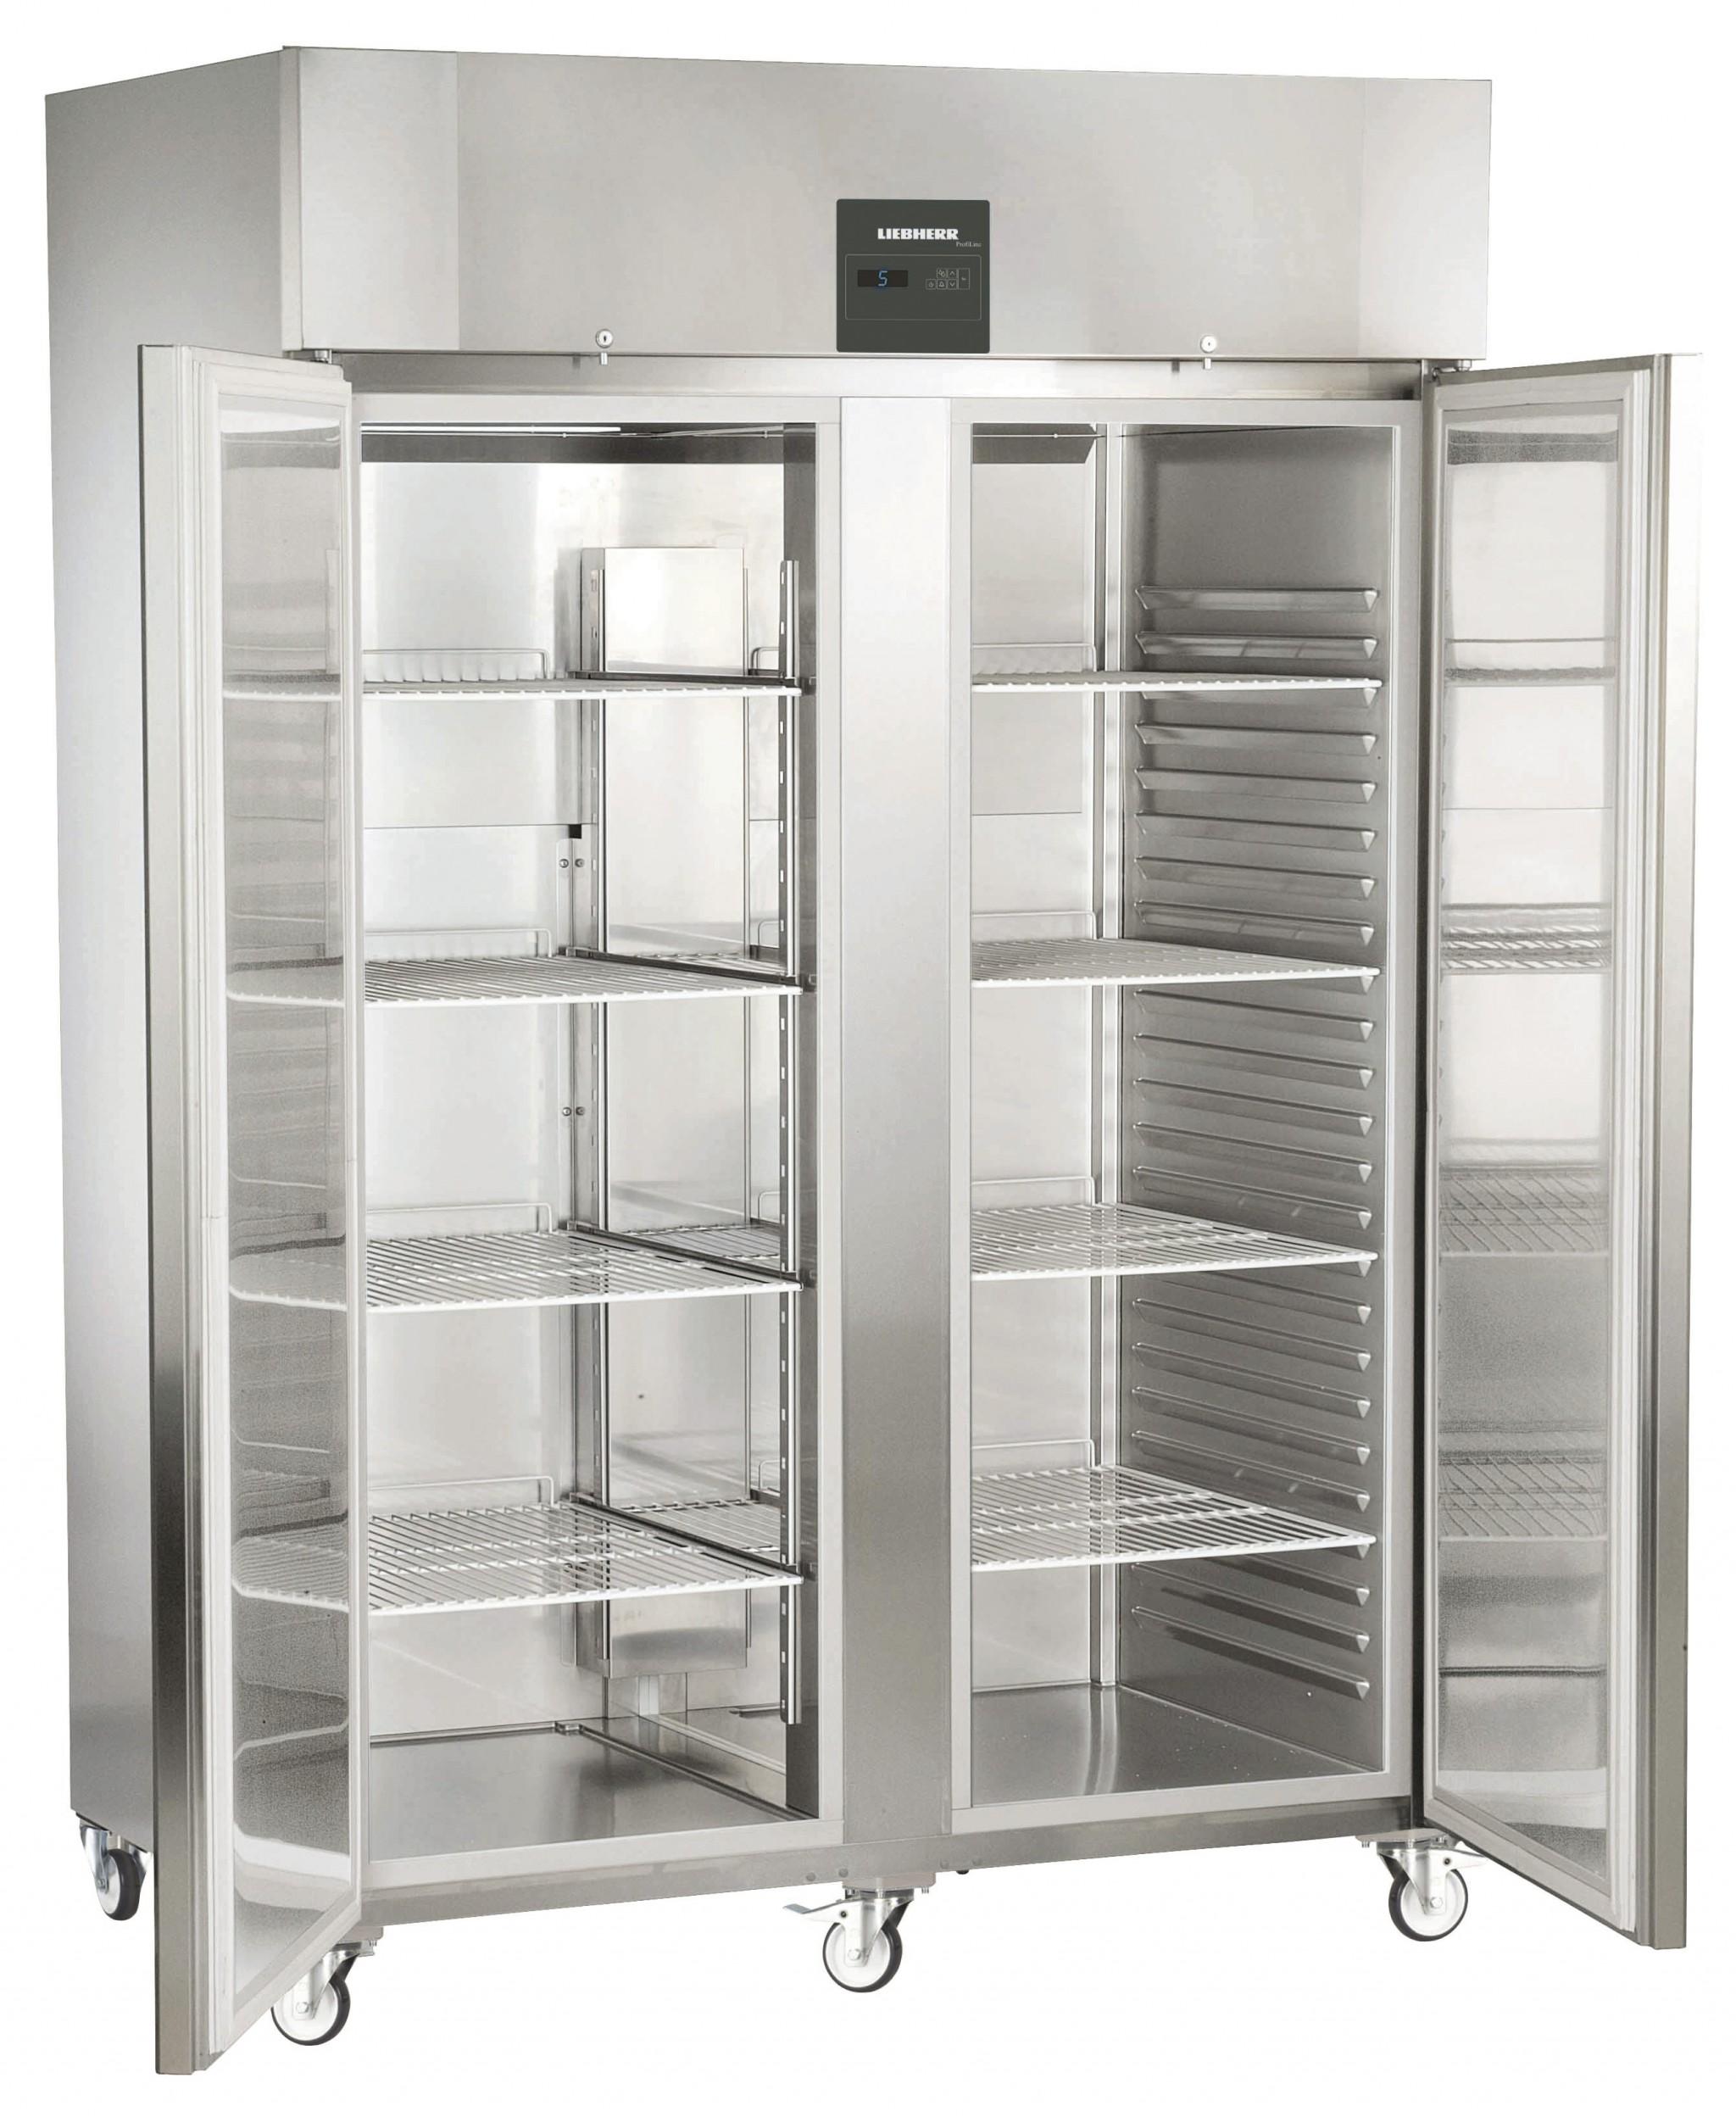 armoire negative 1430l gn2 1 comfort. Black Bedroom Furniture Sets. Home Design Ideas